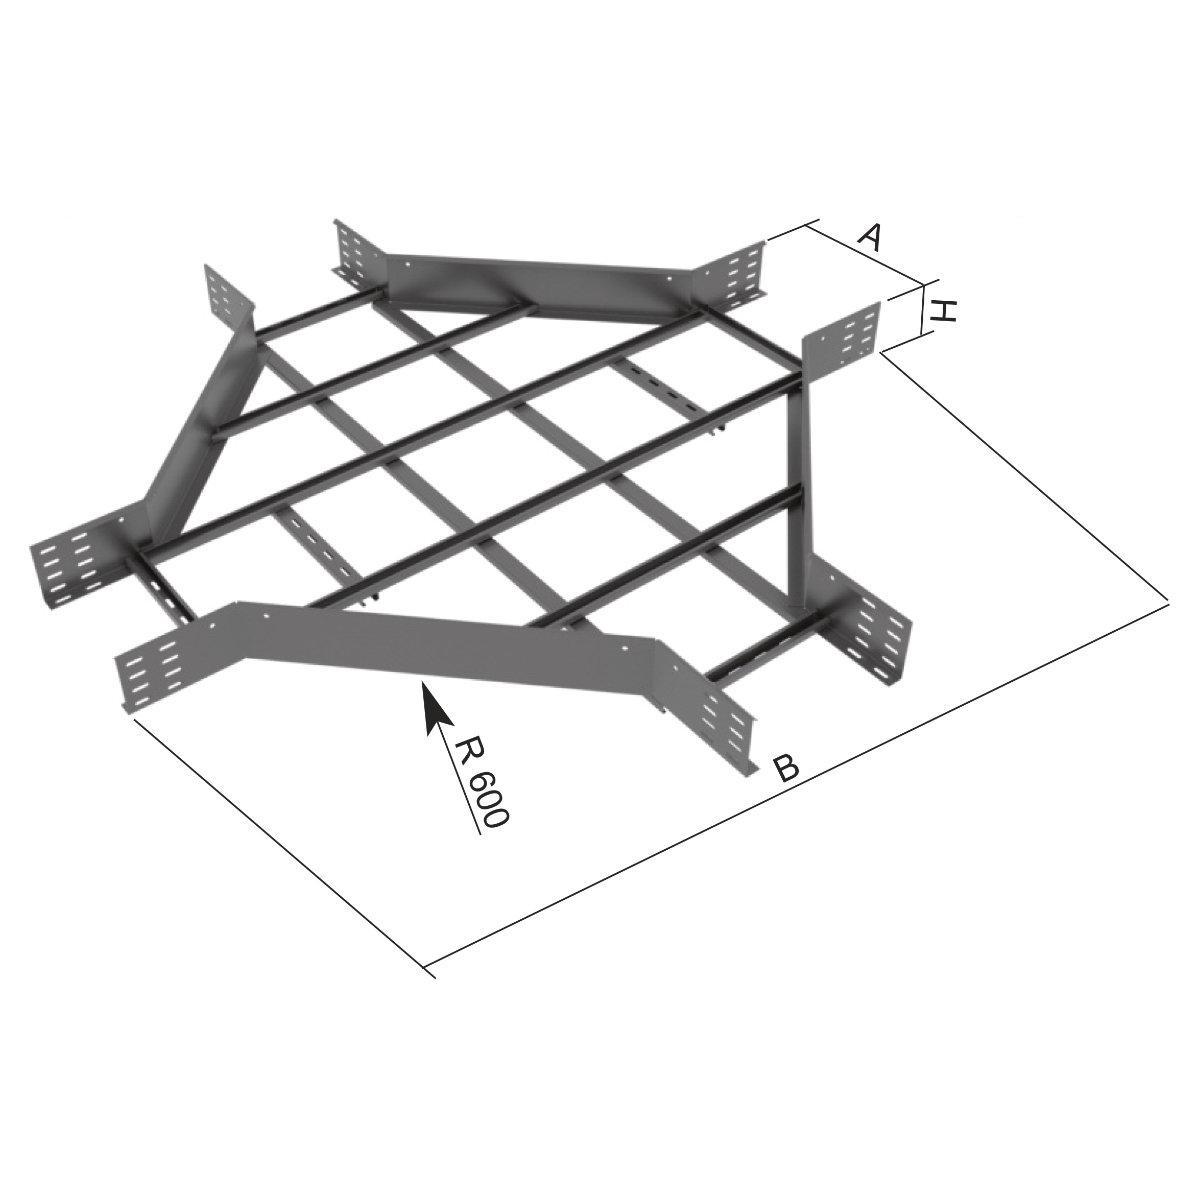 Відгалужувач хрестоподібний на лоток драбинного типу KOPOS; розміри-85x400x1600mm Товщ. метал- Вага-кг/м